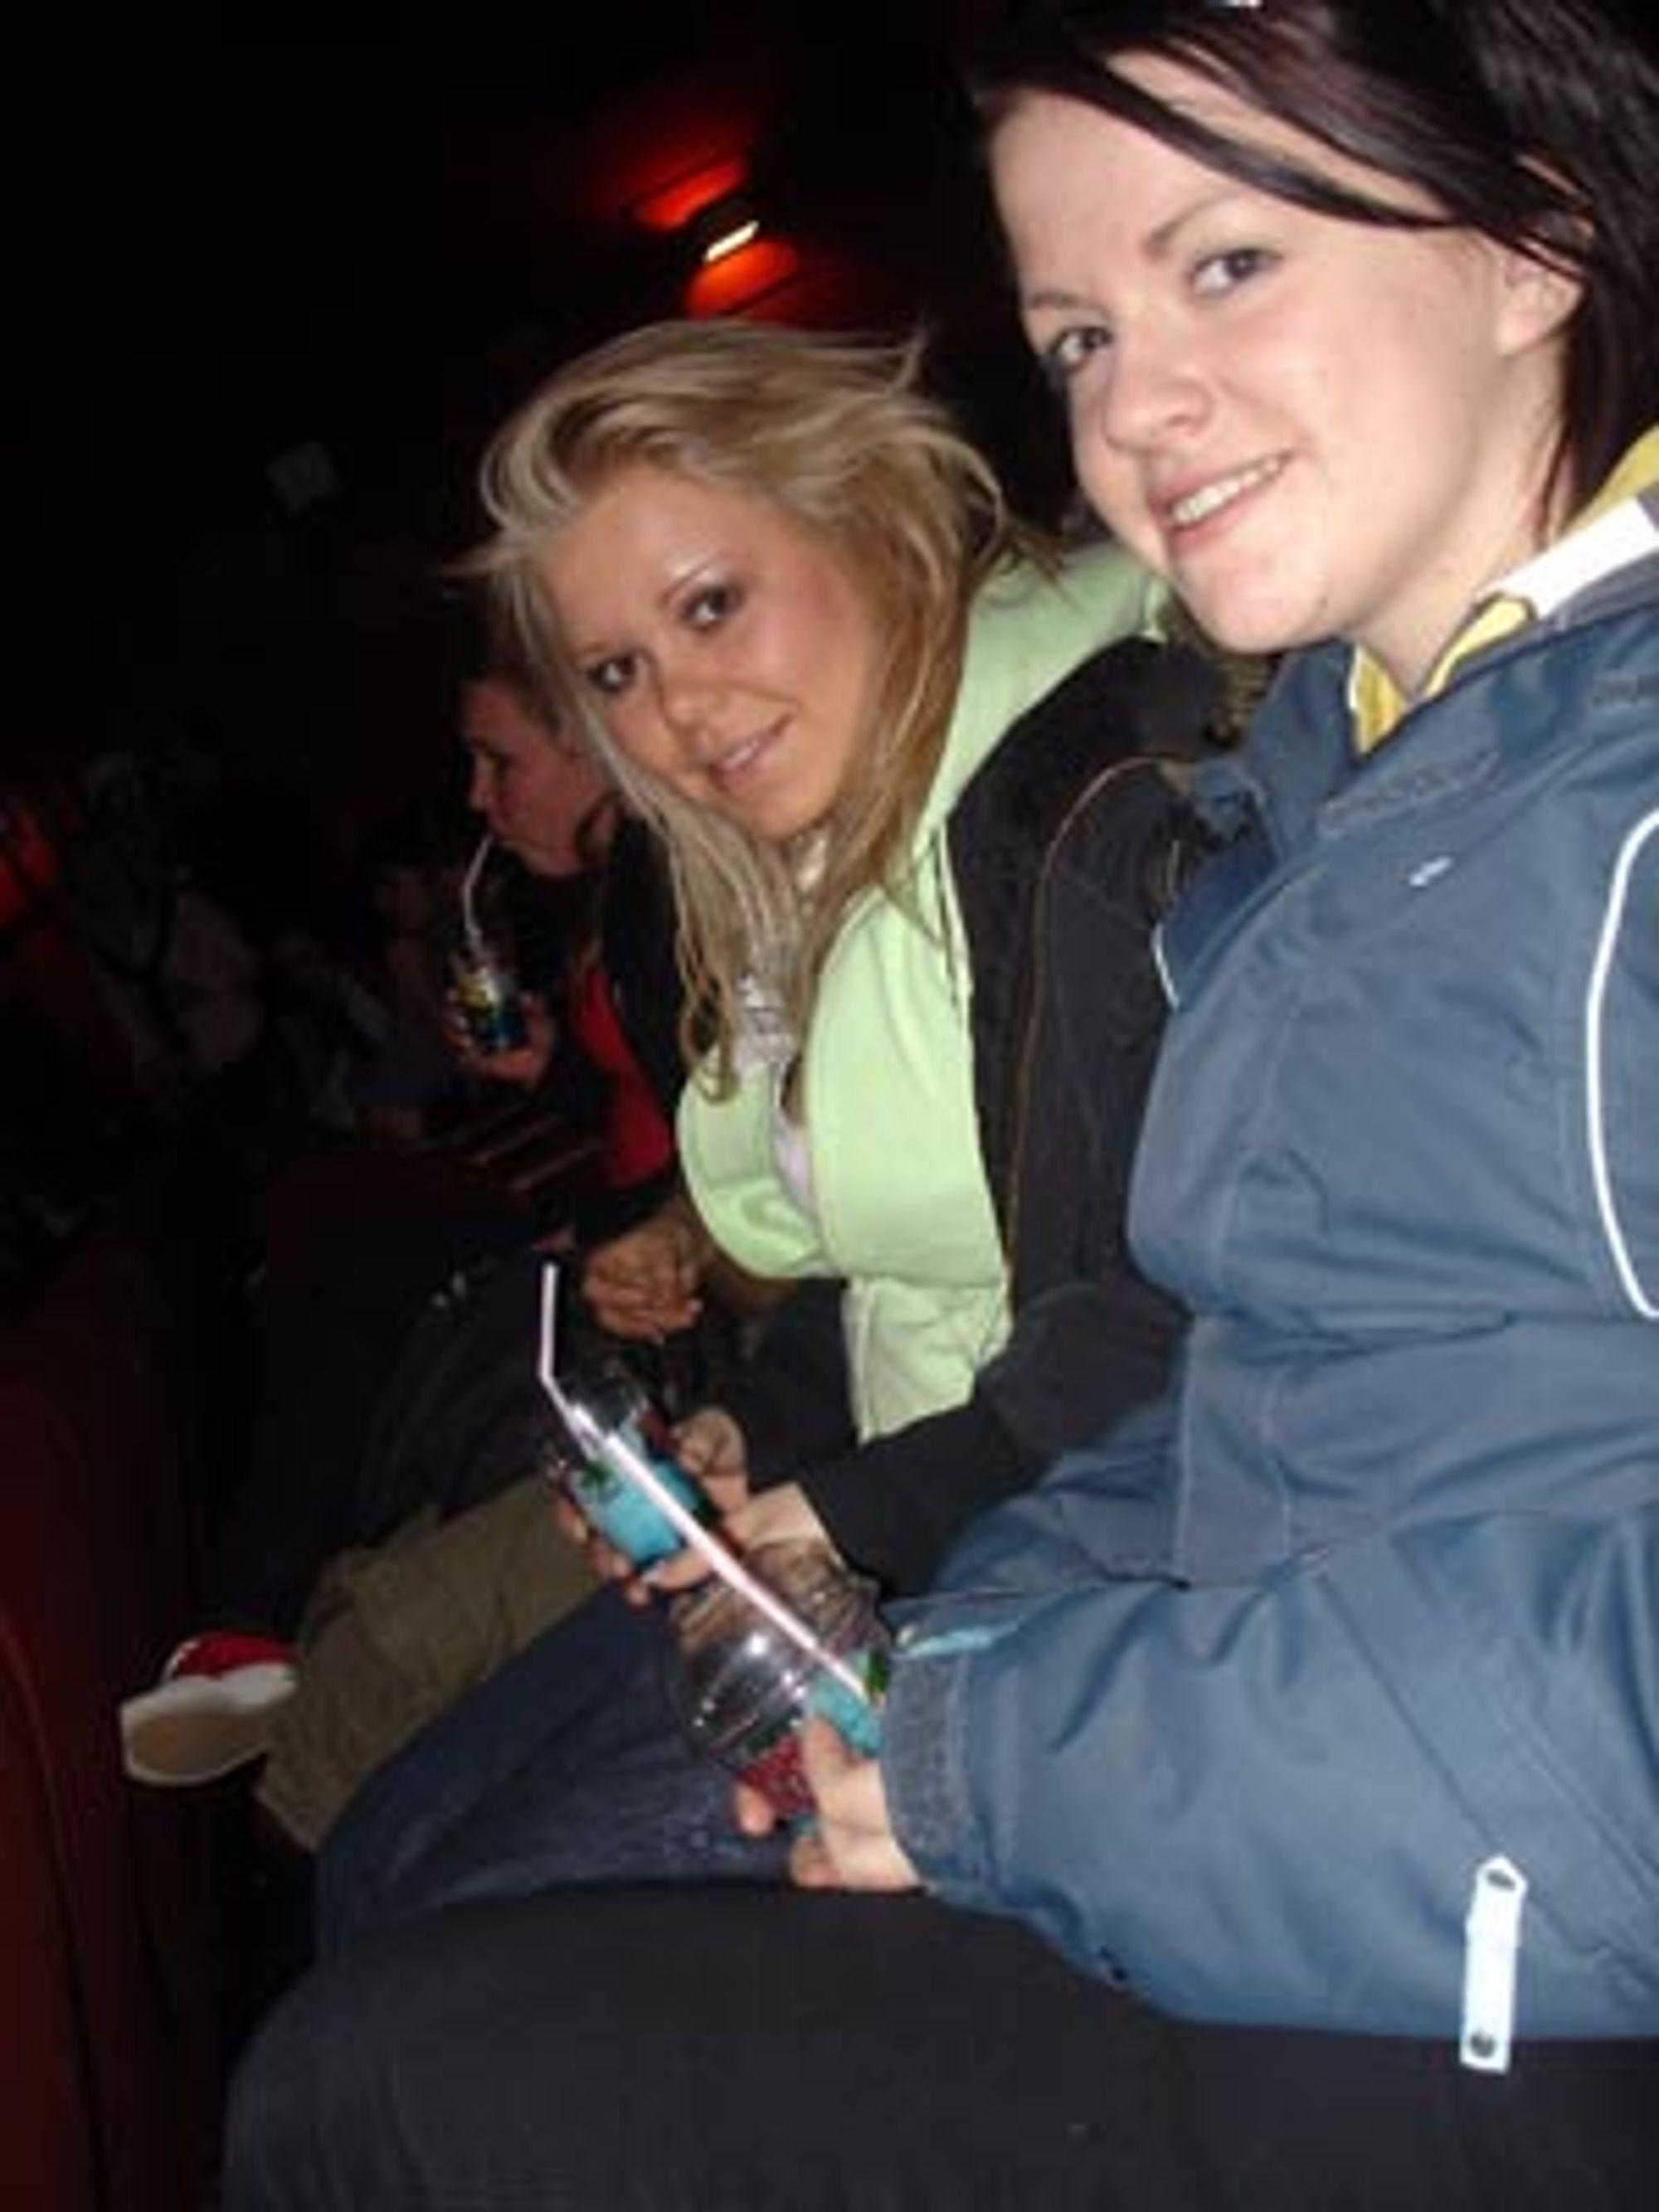 Karoline Kongshaug og Hanne Marki er fornøyd med festivalen hittil, men skulle gjerne hatt billetter til prisutdelingen.